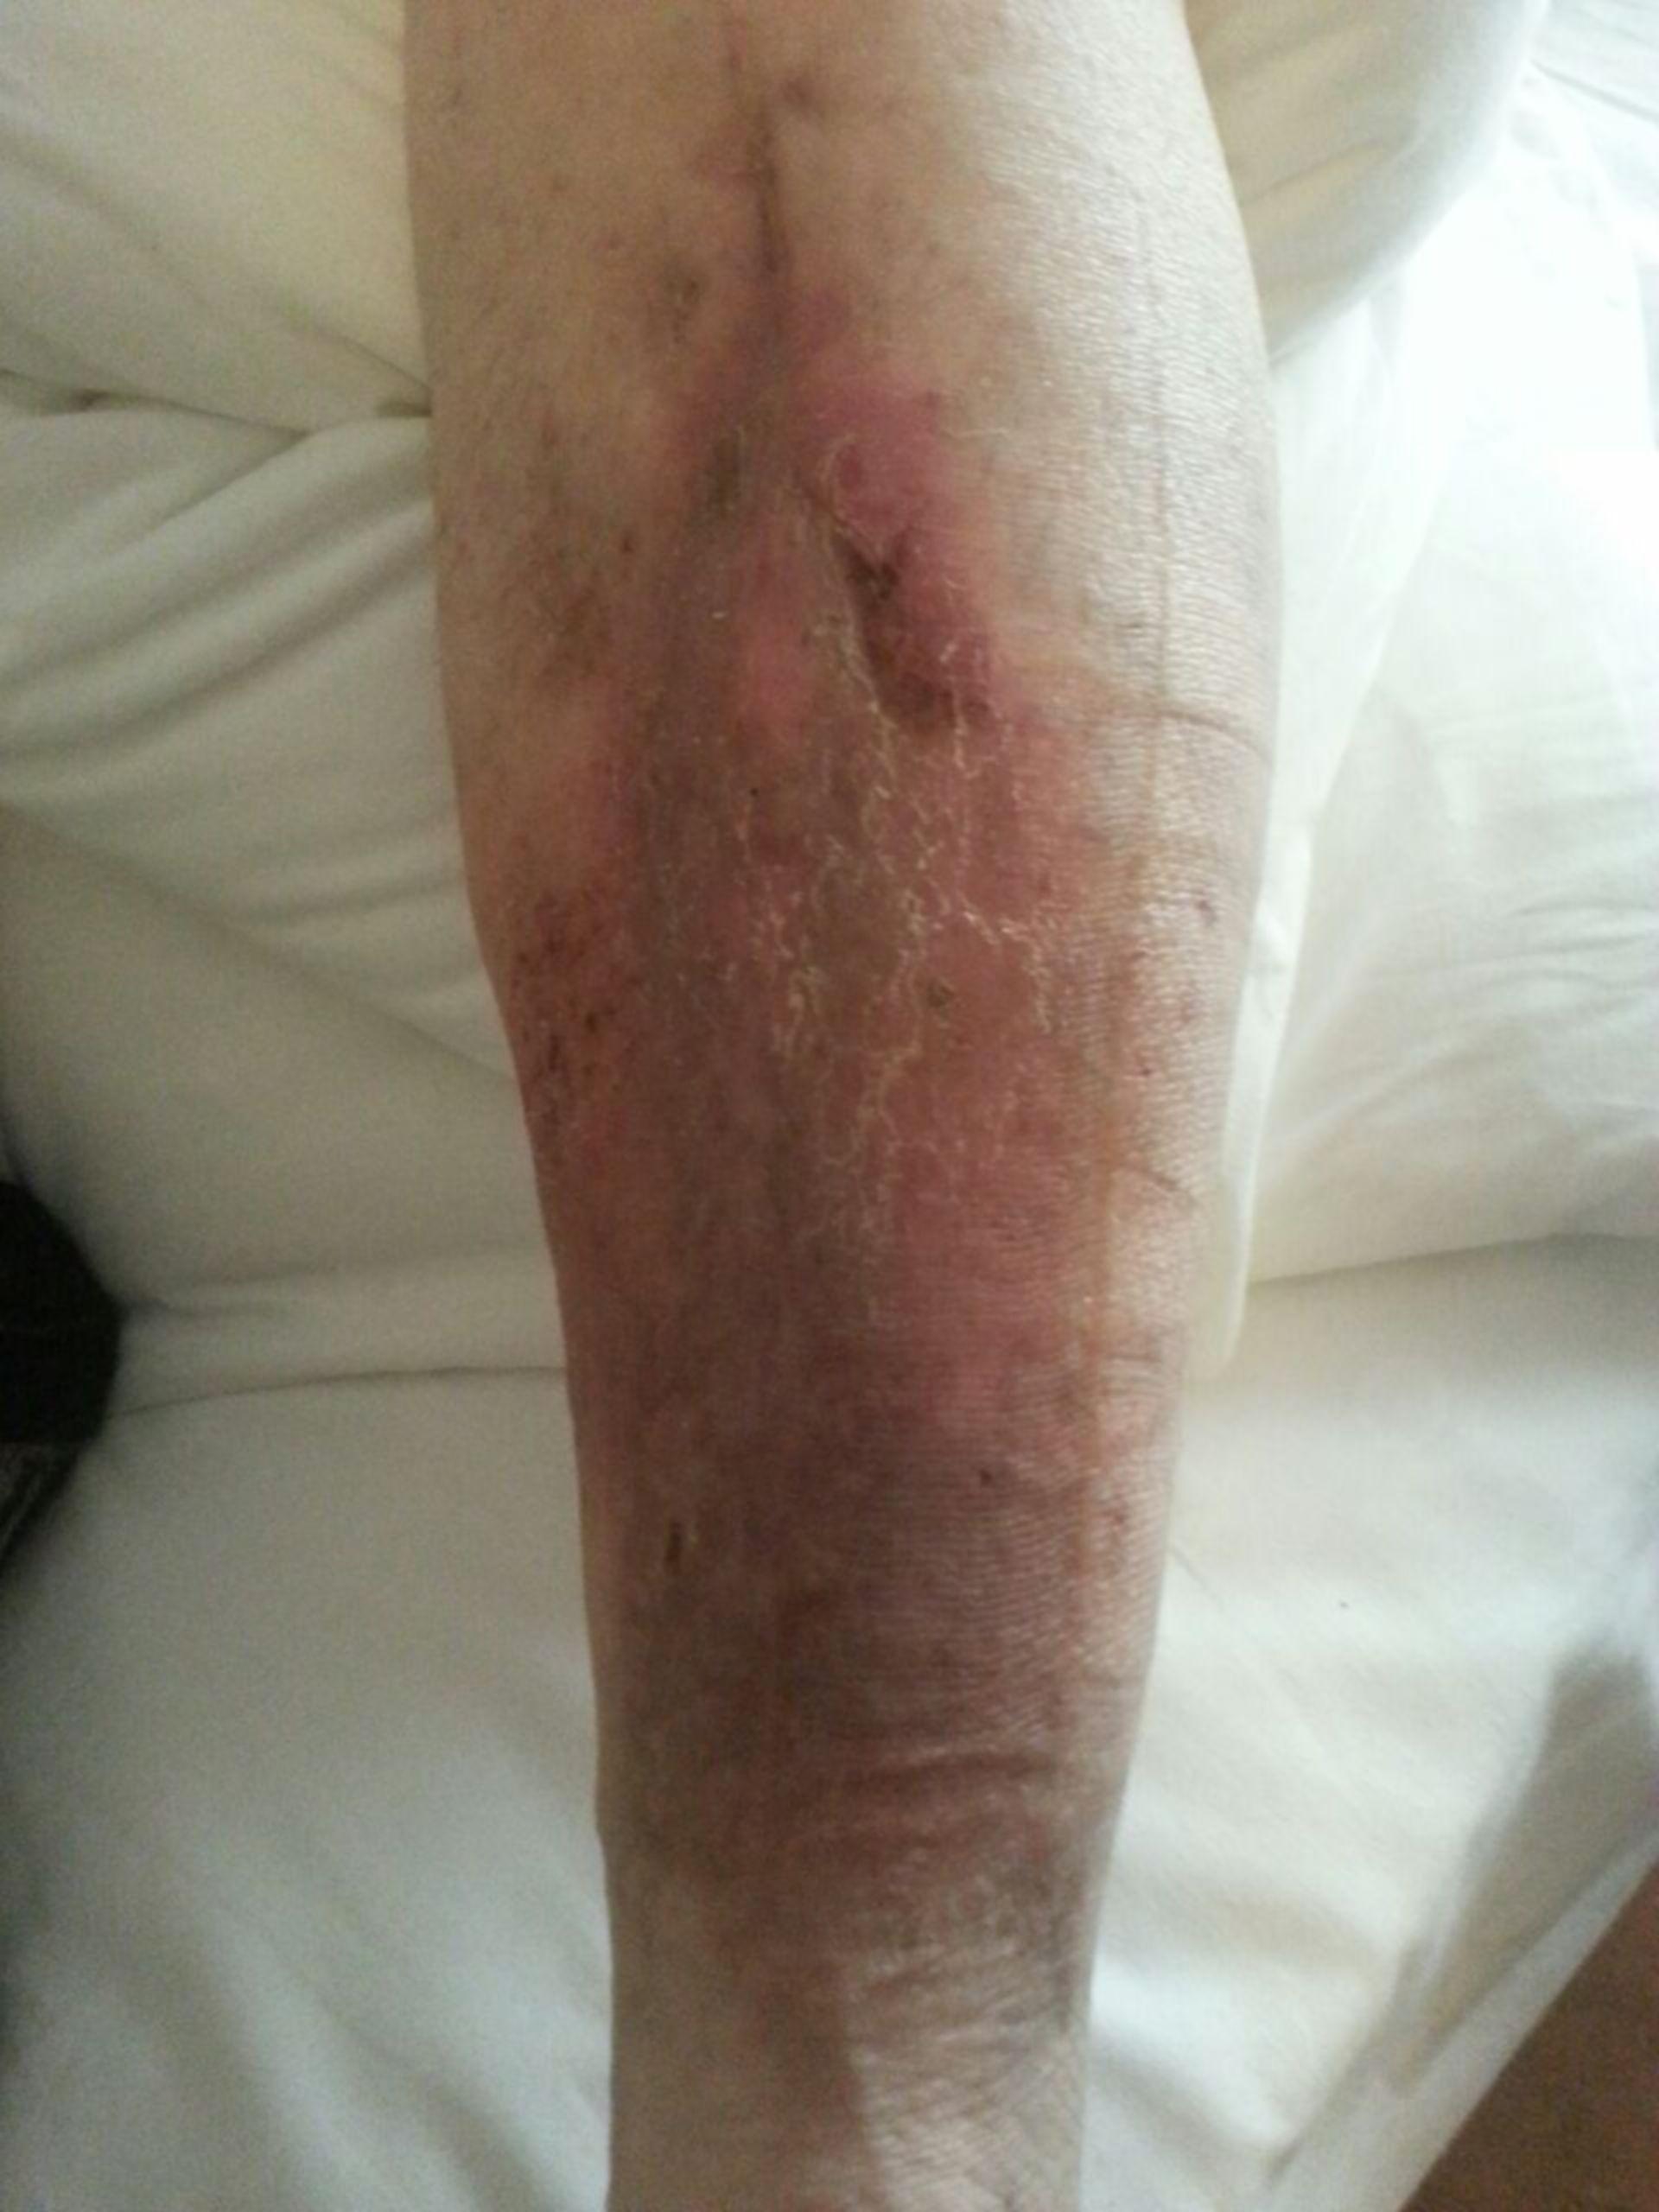 Úlcera de la pierna -20 años abierta: resultado ambulatorio (19)